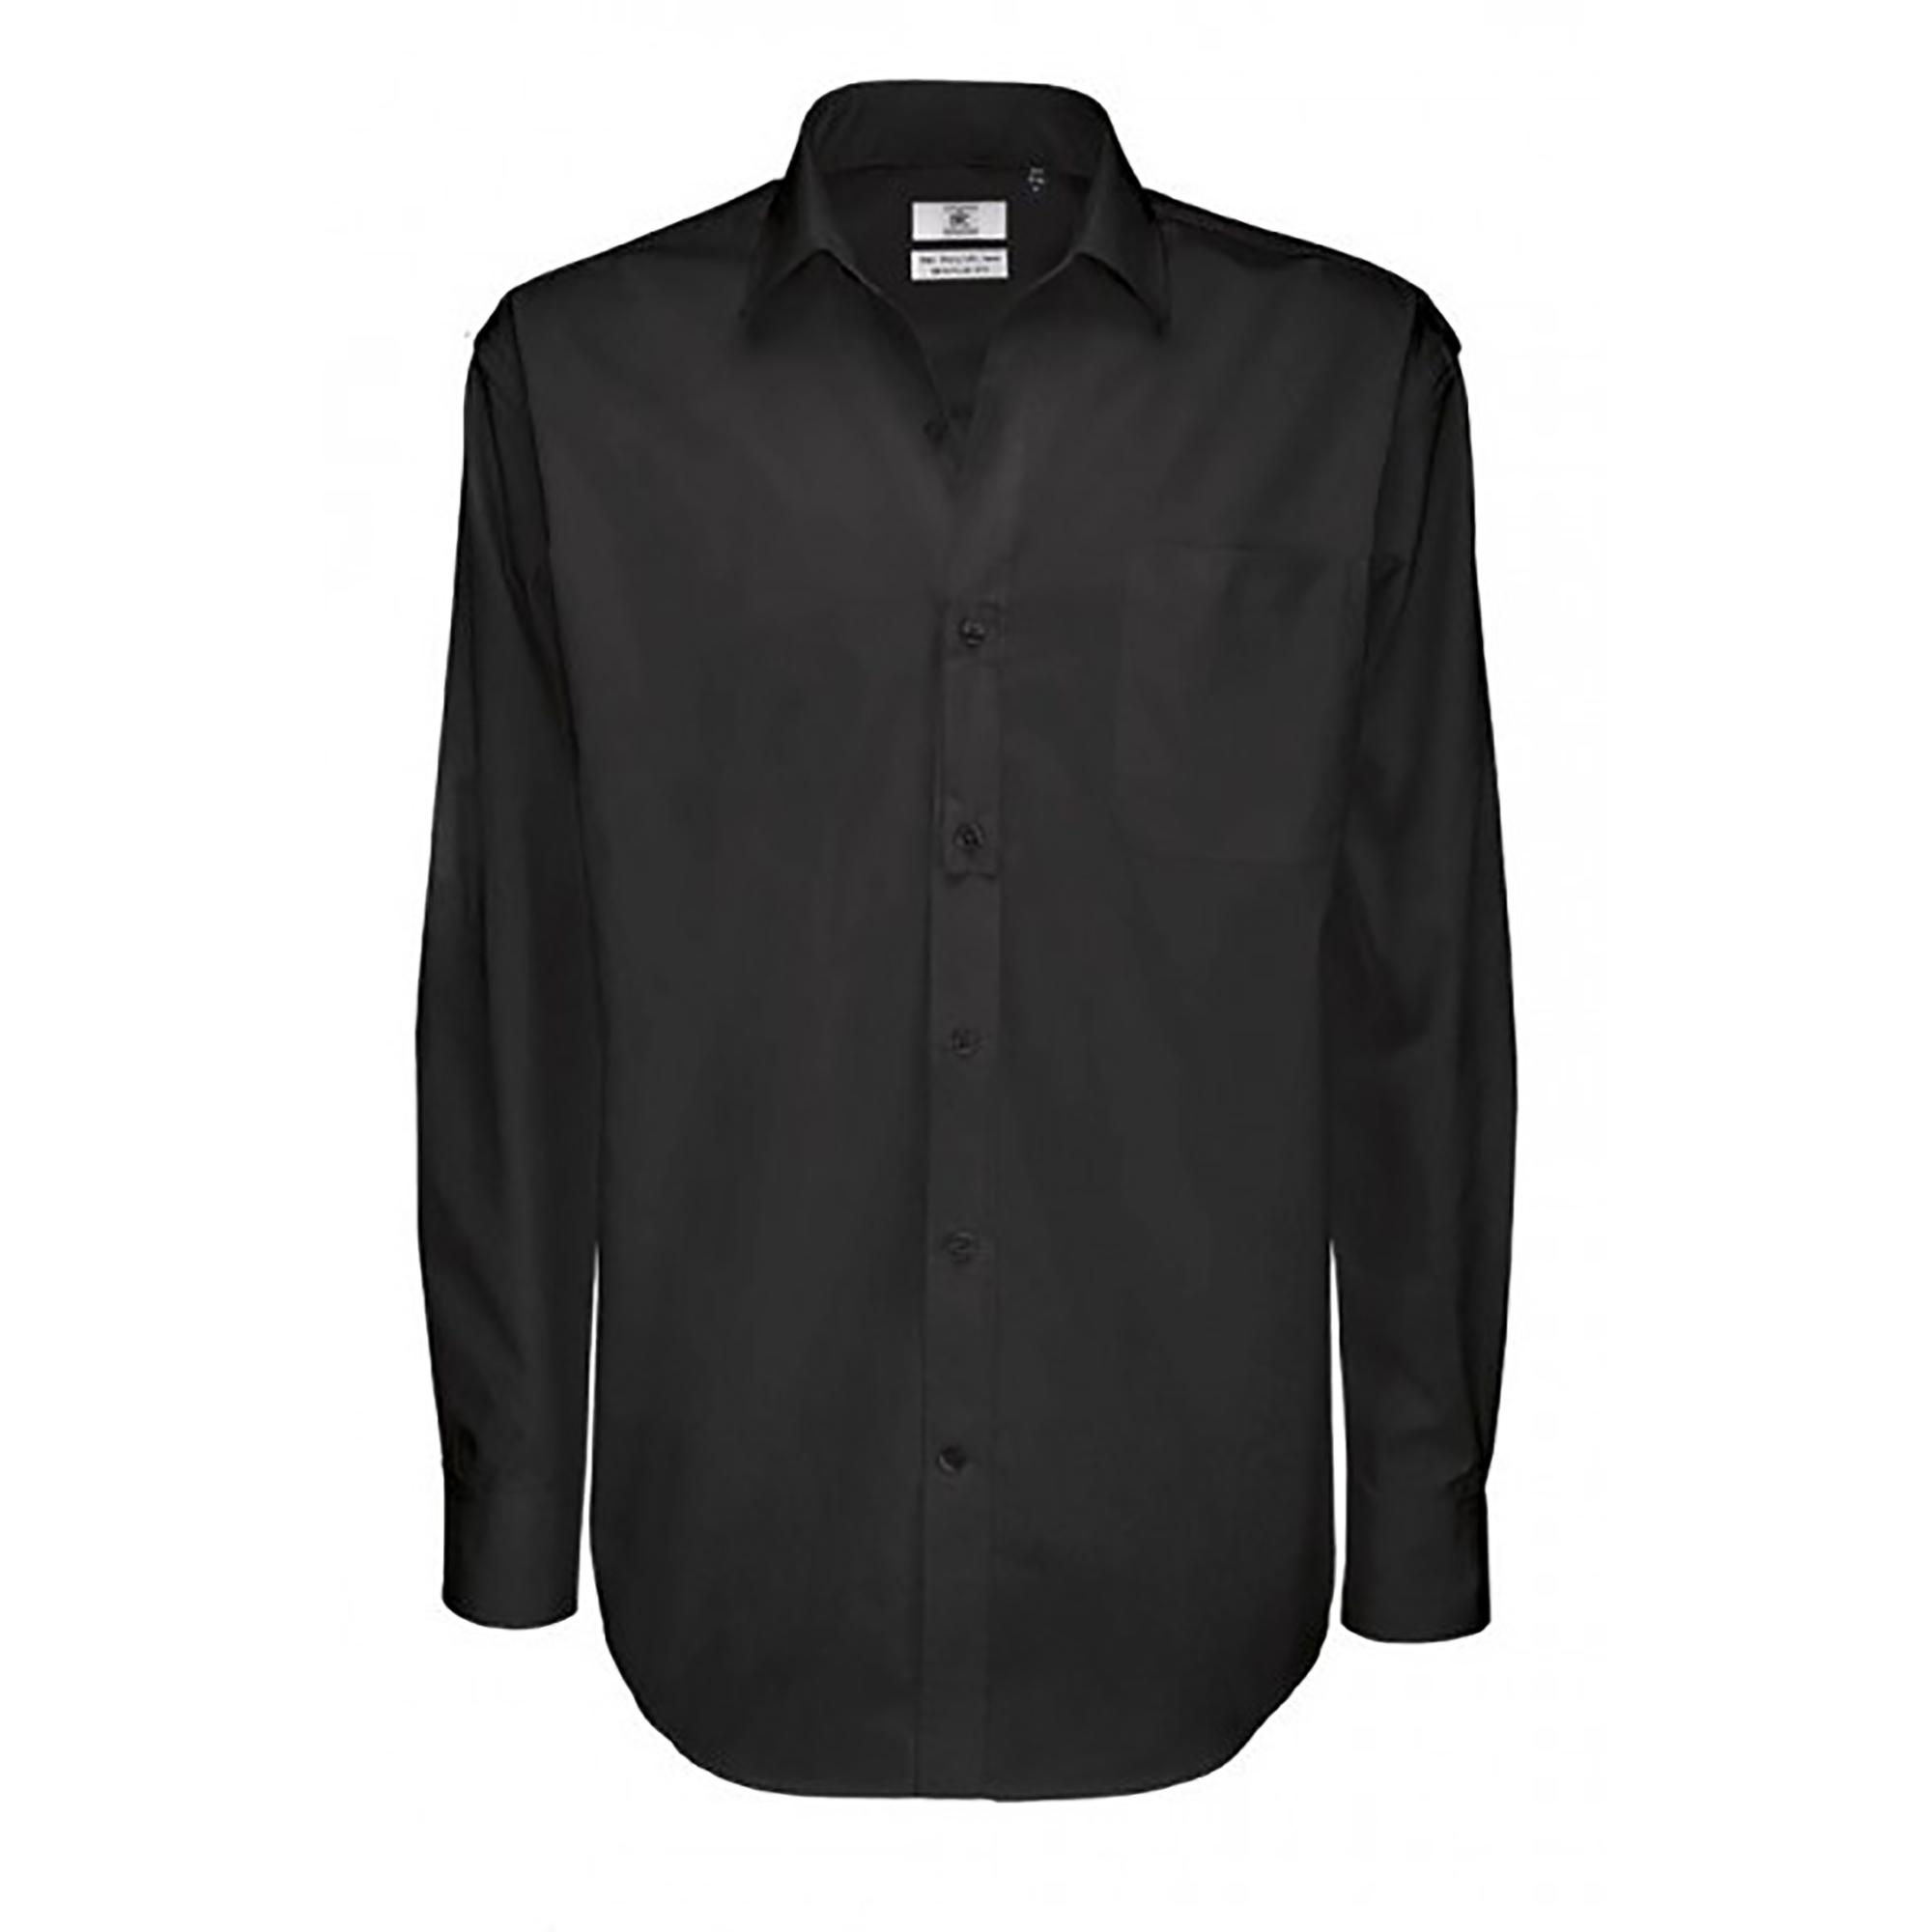 B&C Mens Sharp Twill Cotton Long Sleeve Shirt / Mens Shirts (4XL) (Black)